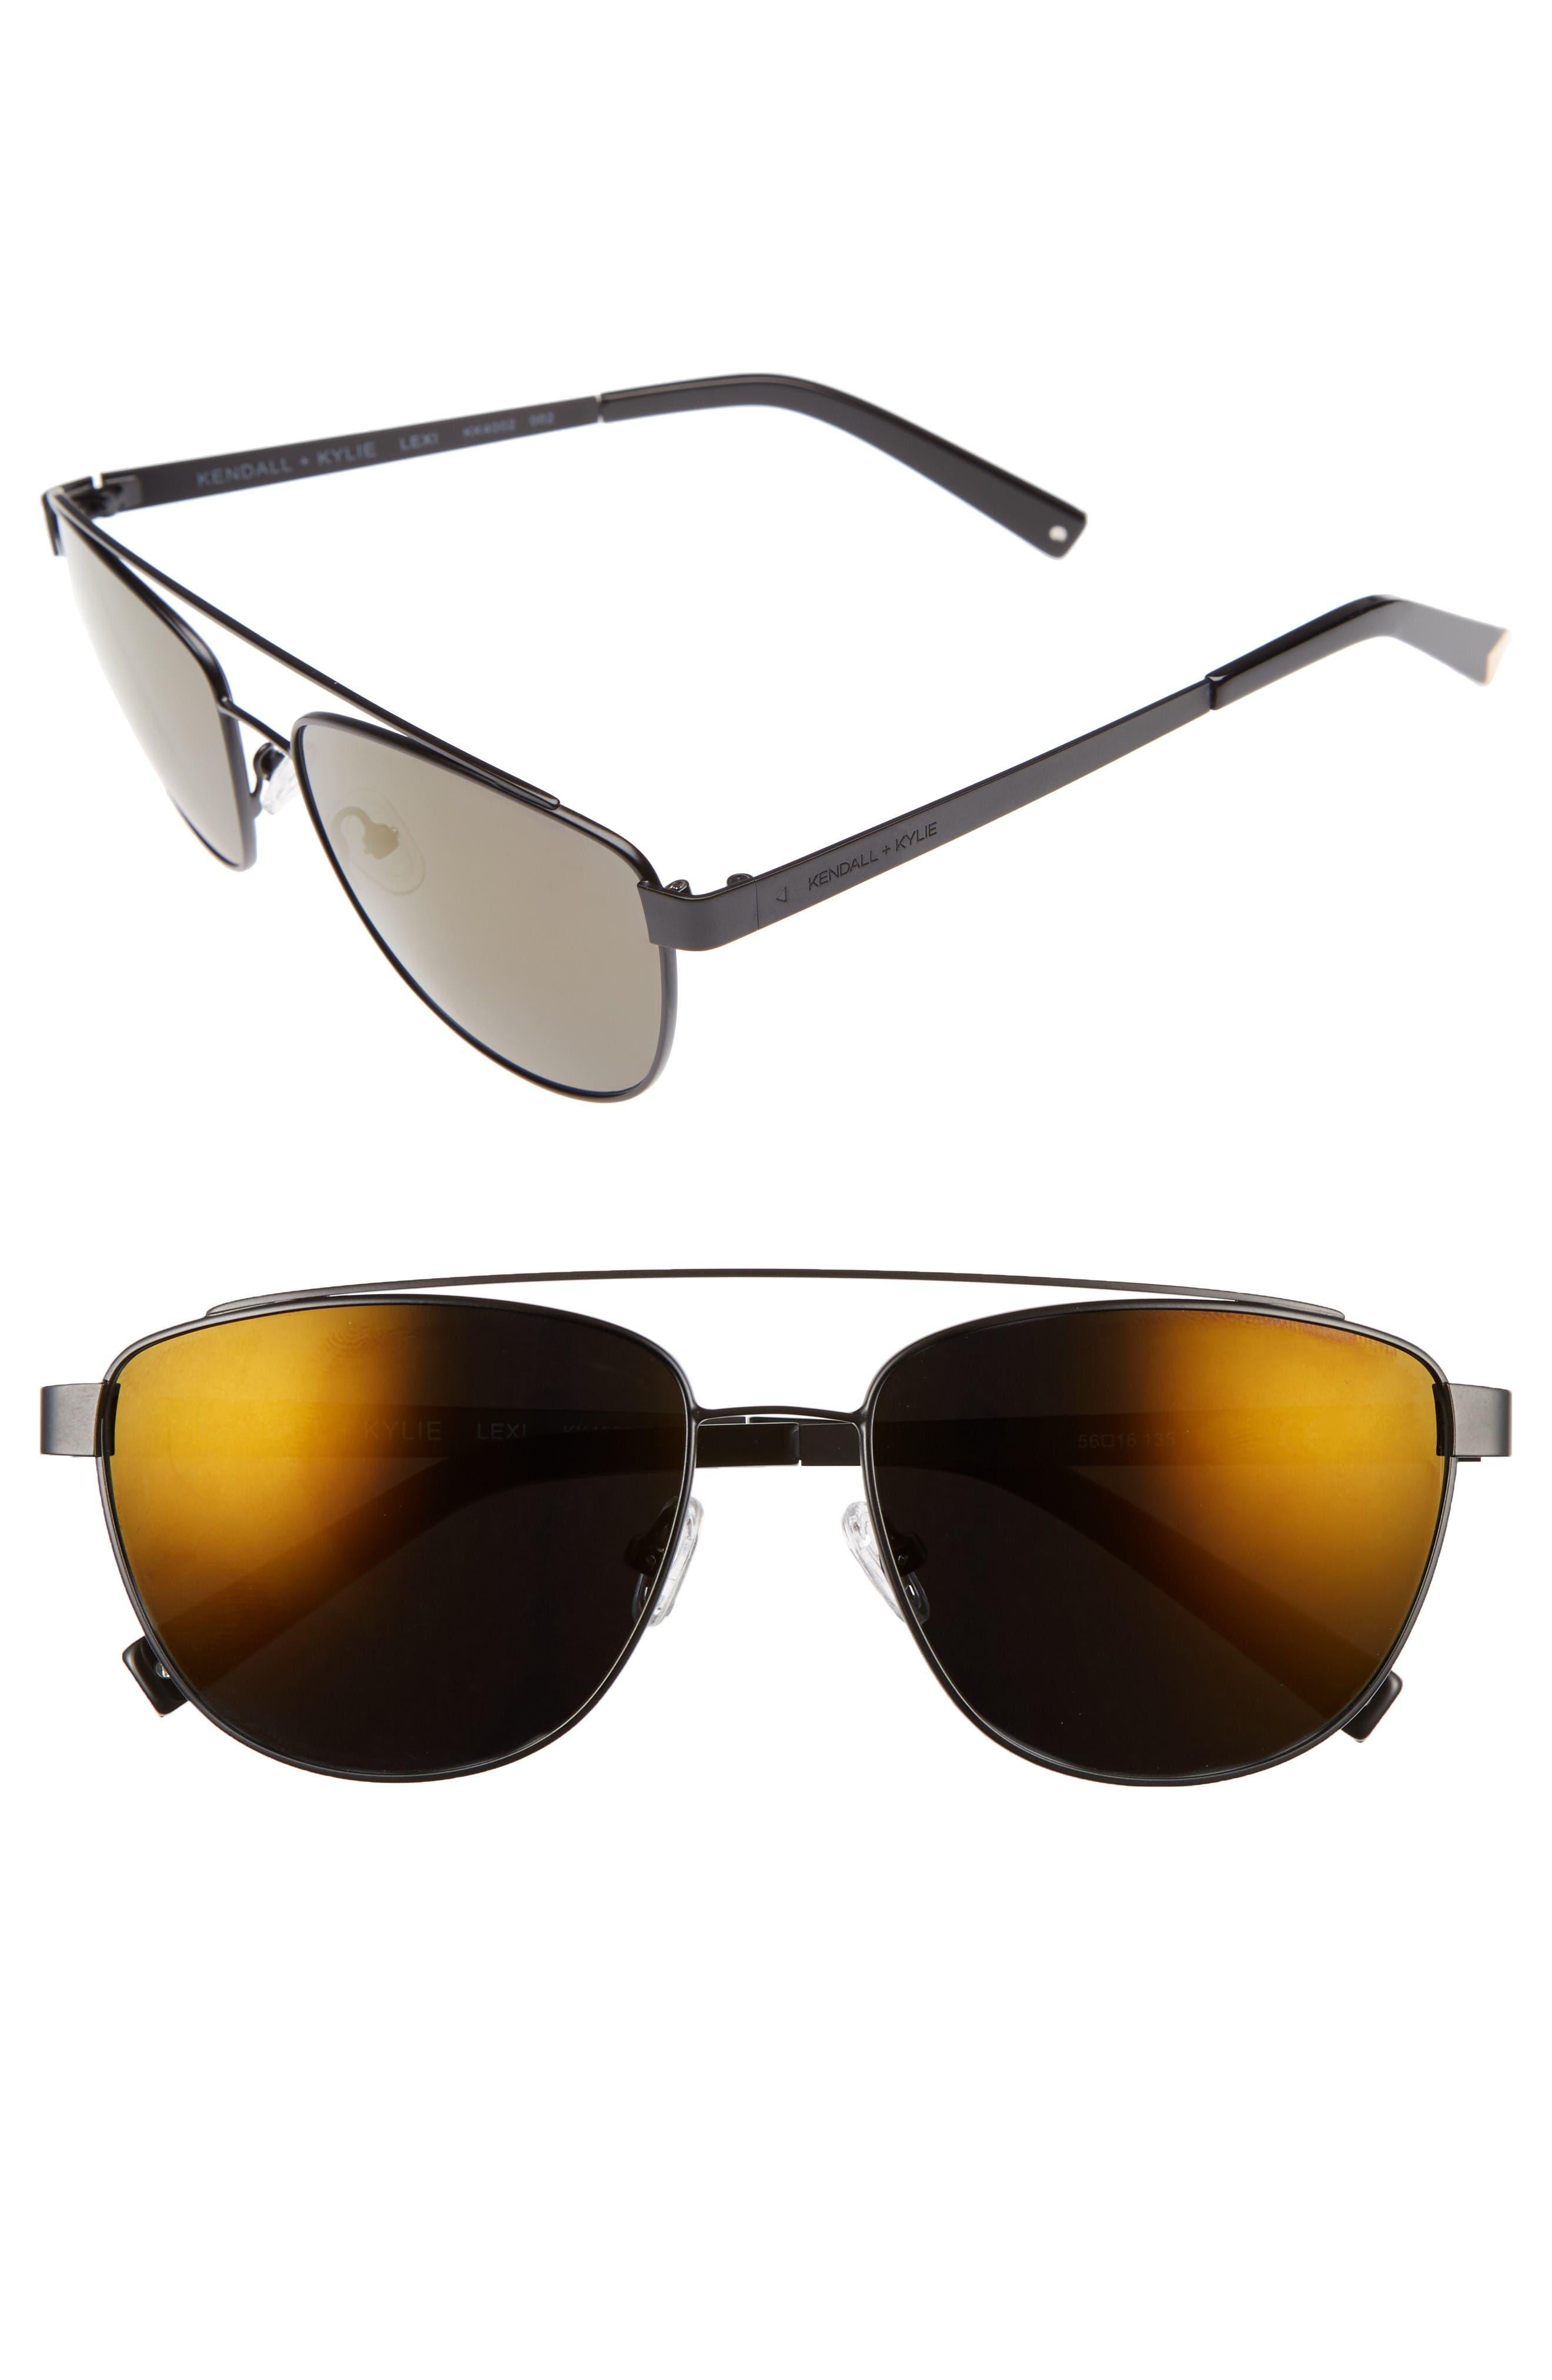 KENDALL + KYLIE Lexi 56mm Navigator Sunglasses